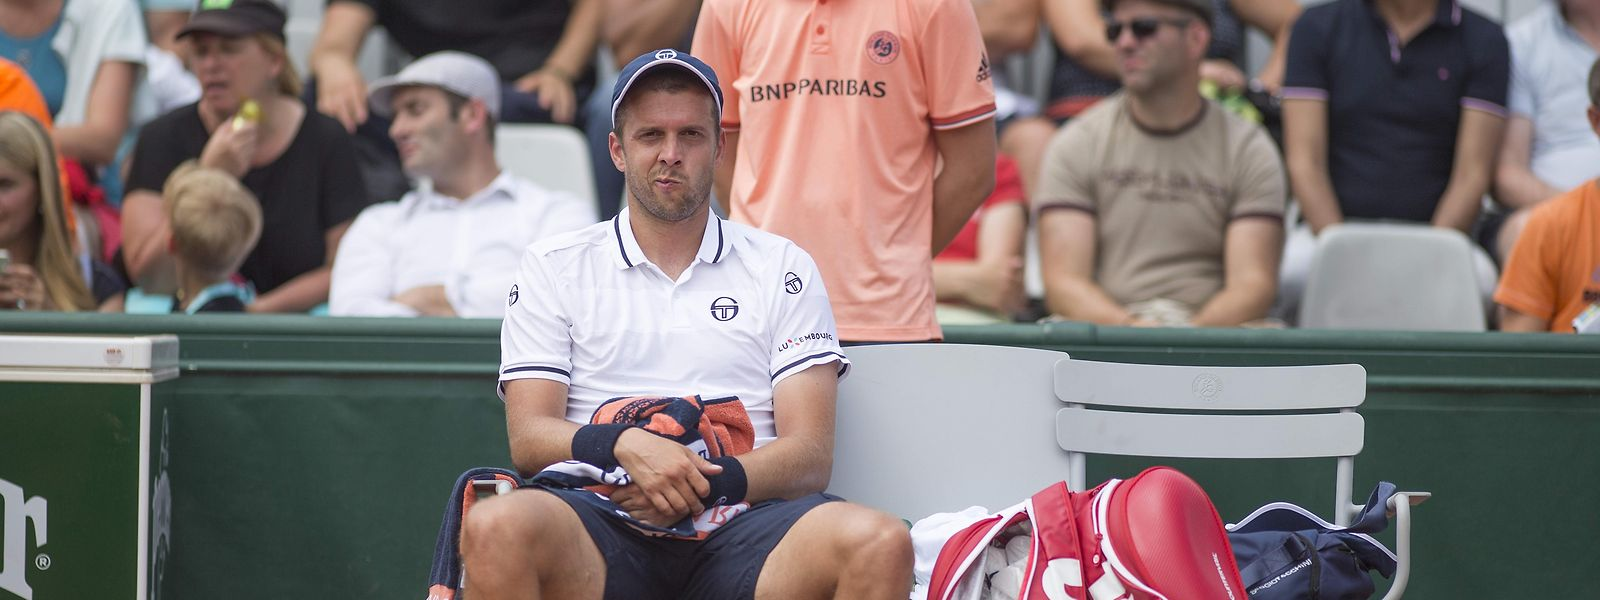 Gilles Muller liegen die French Open einfach nicht.